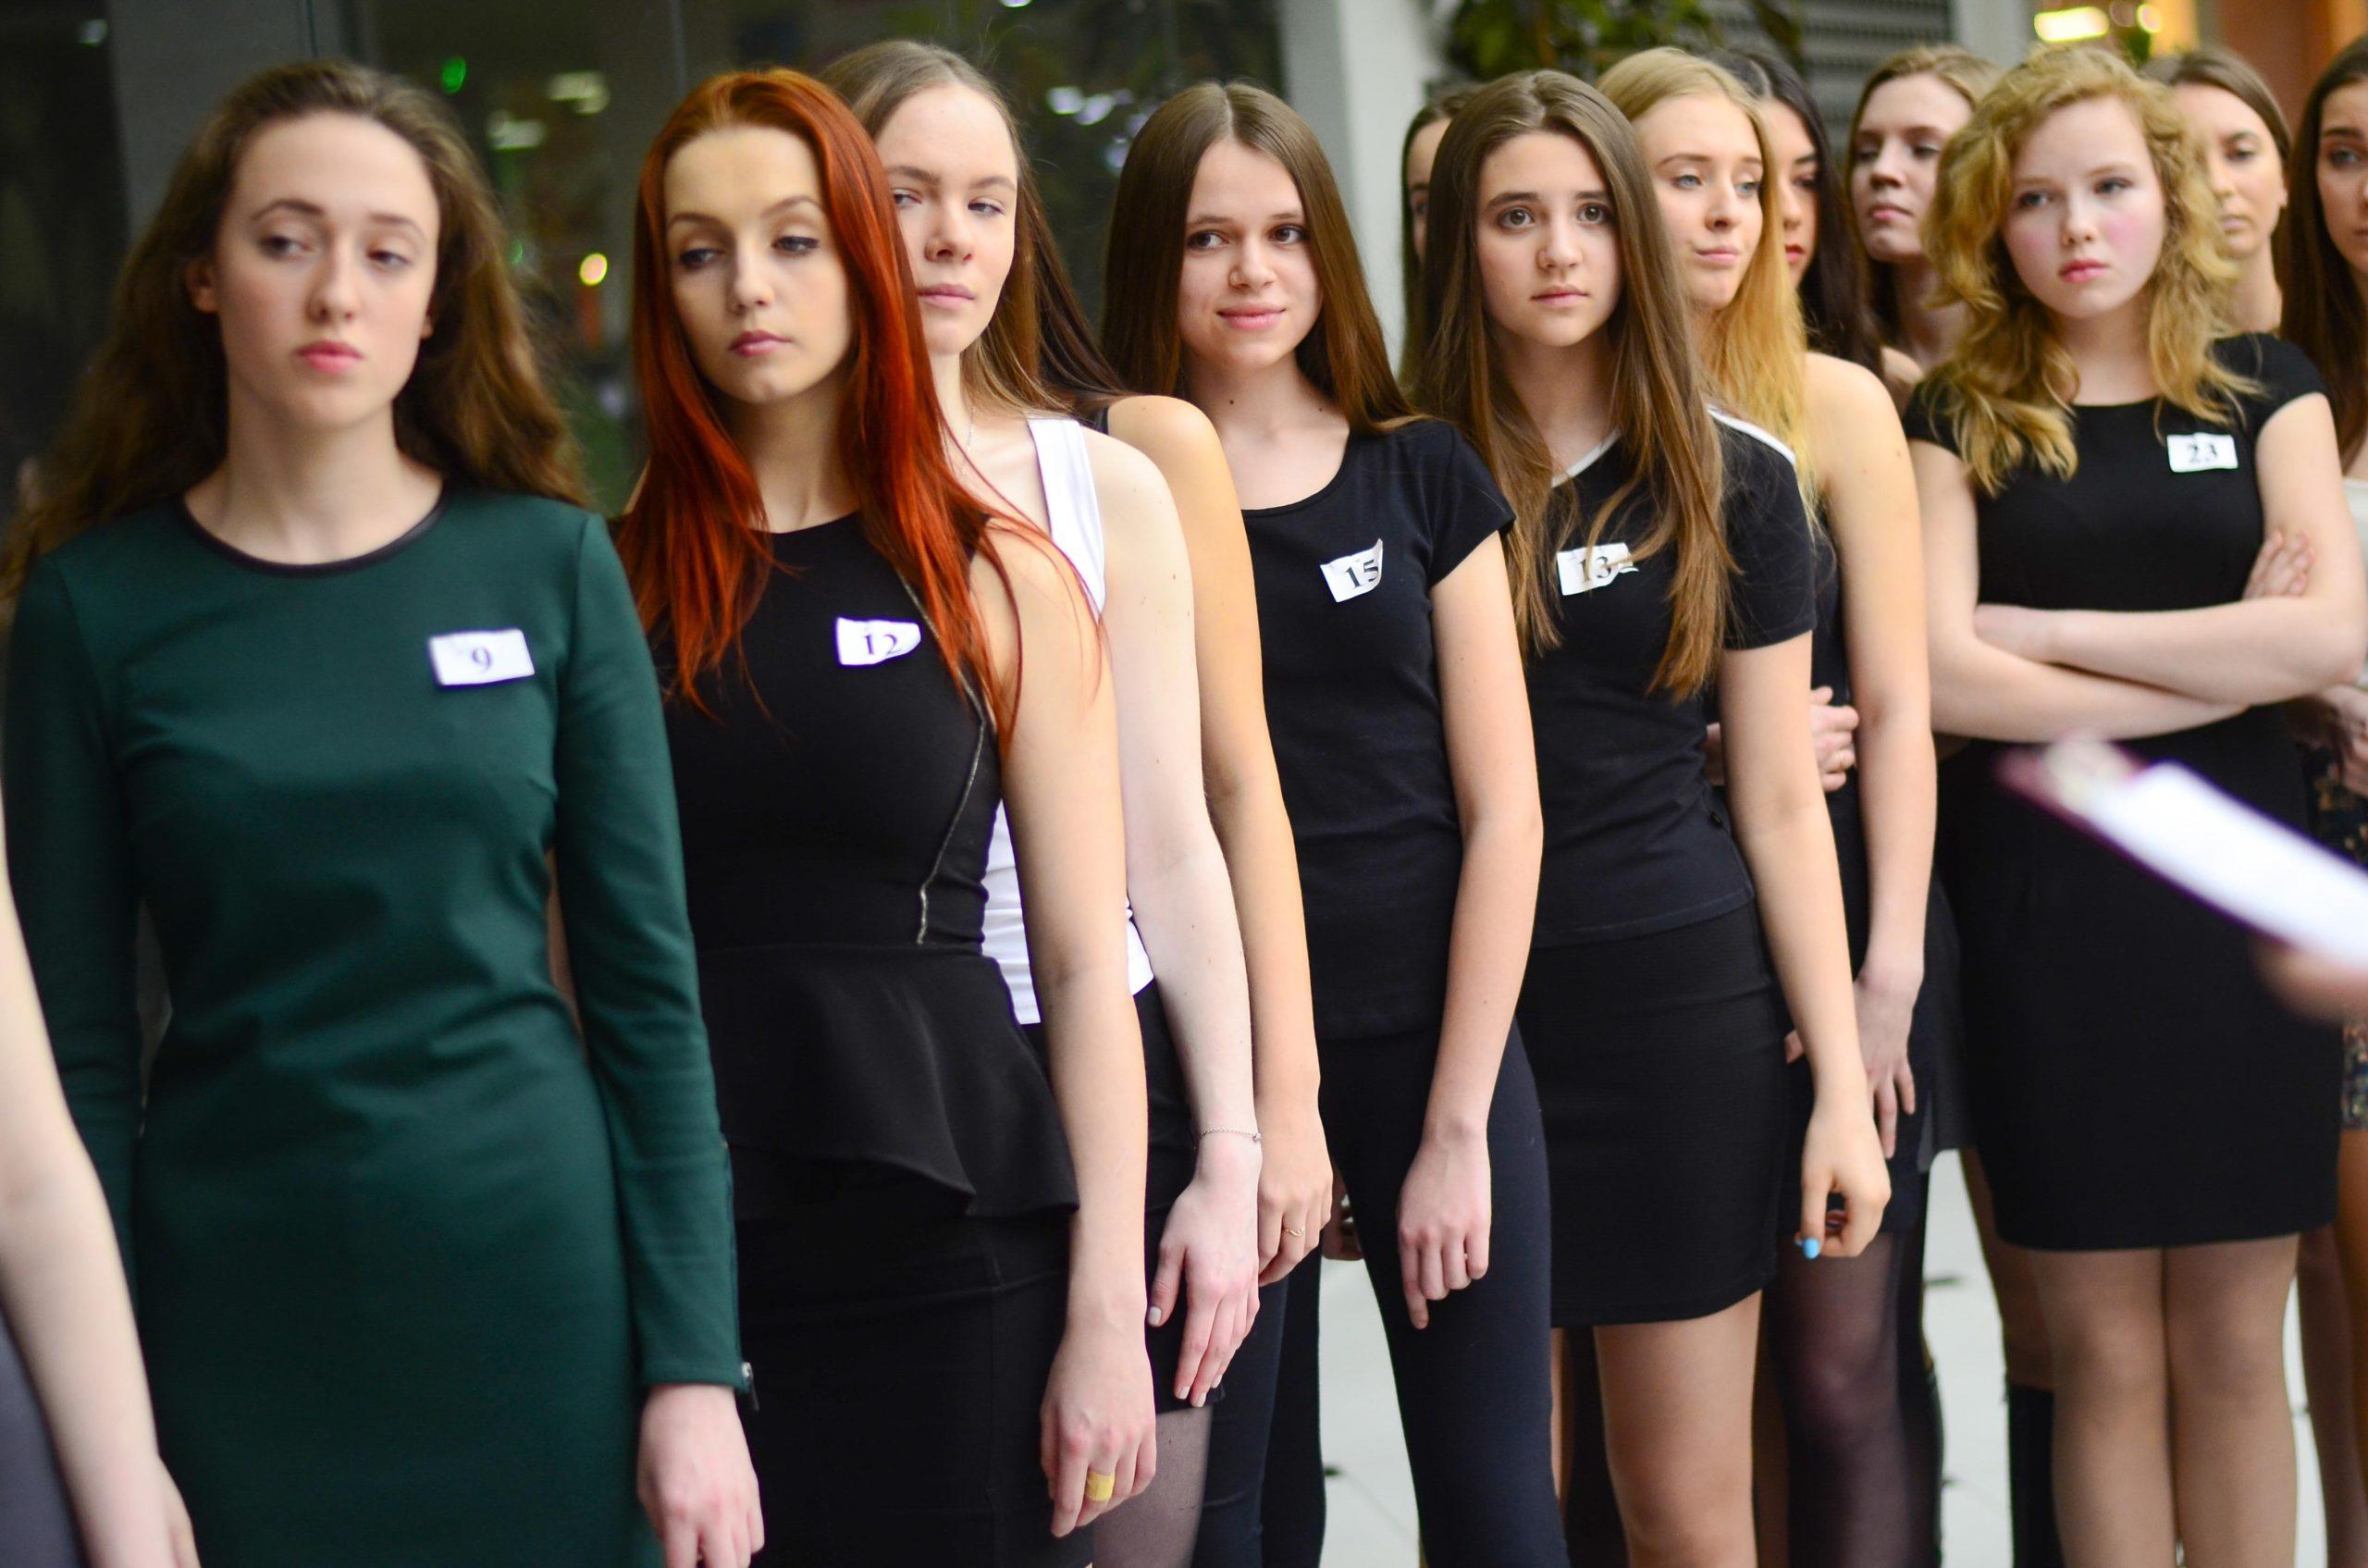 Ocjena najboljih manekenskih agencija u Jekaterinburgu u 2020